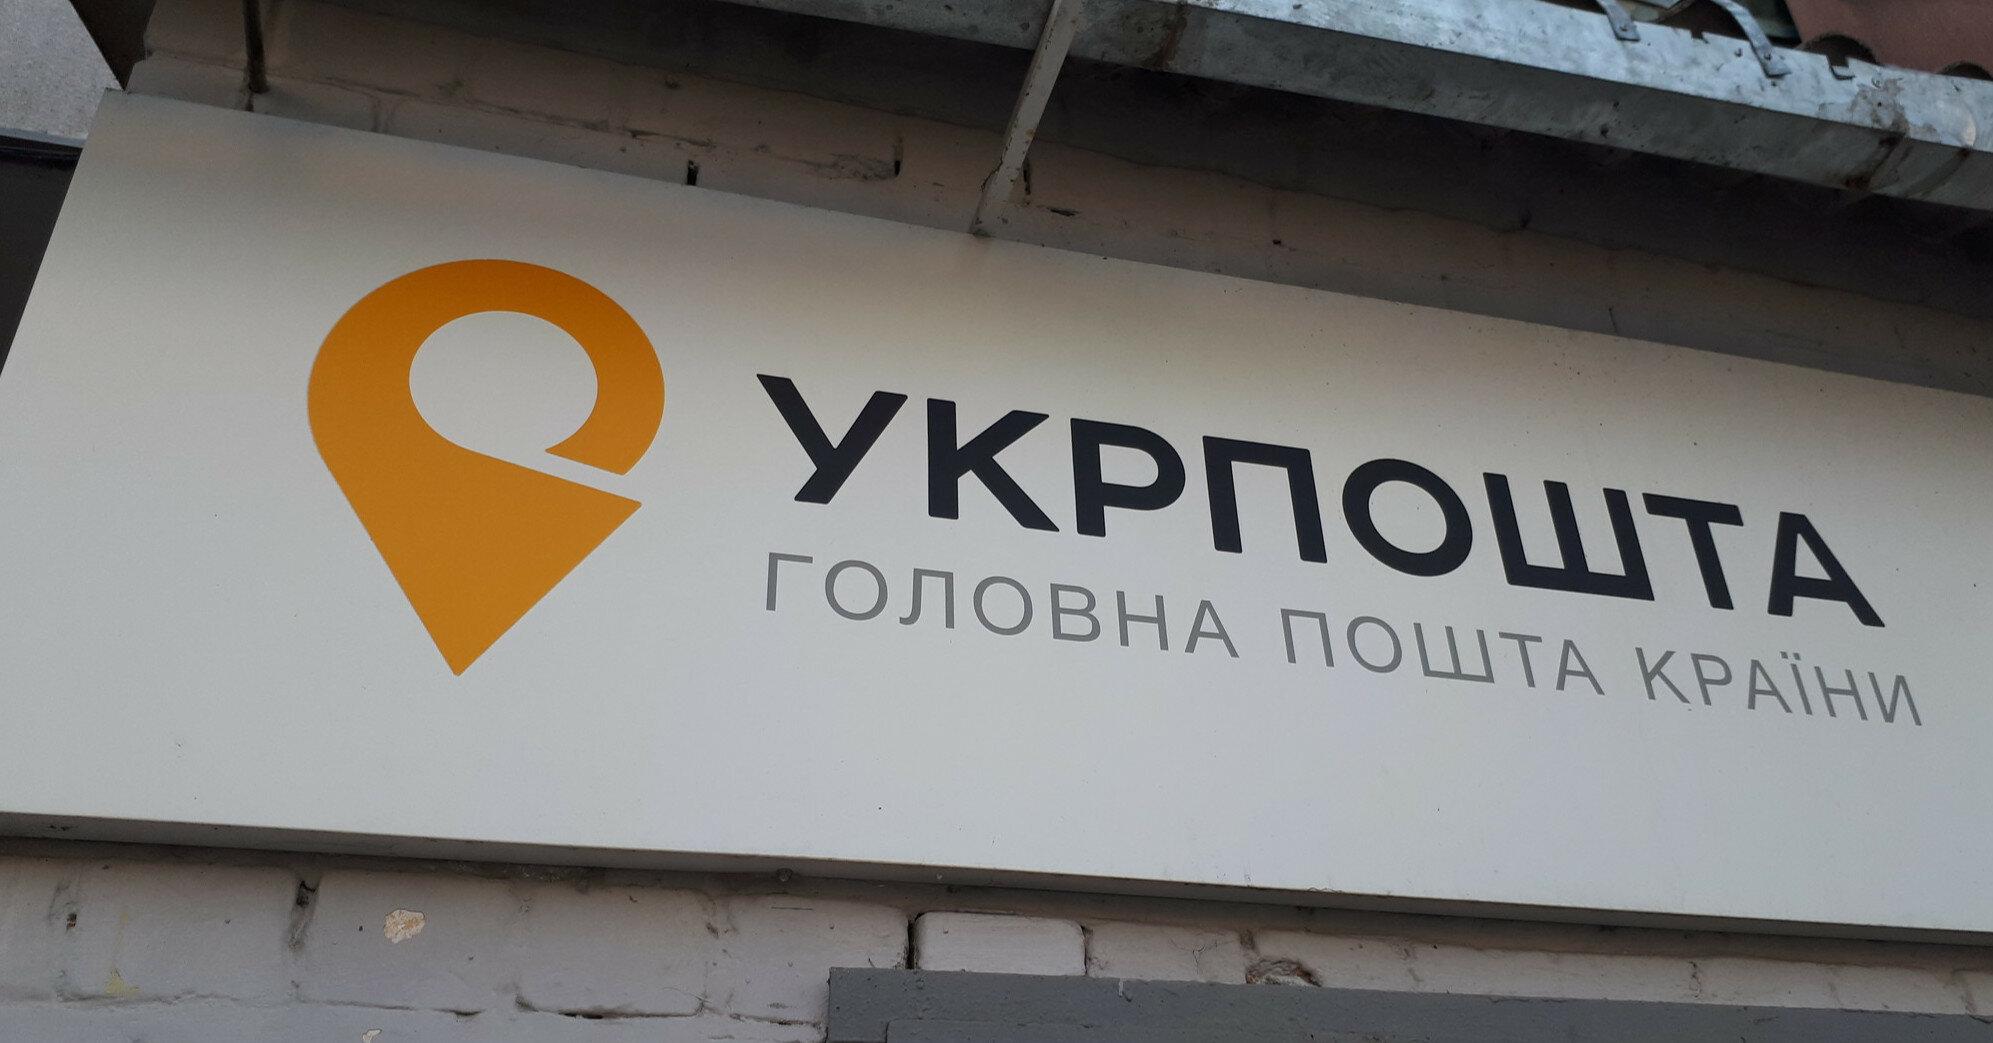 Укрпошта будет бесплатно пересылать в ПФУ заявления о выплате пенсии